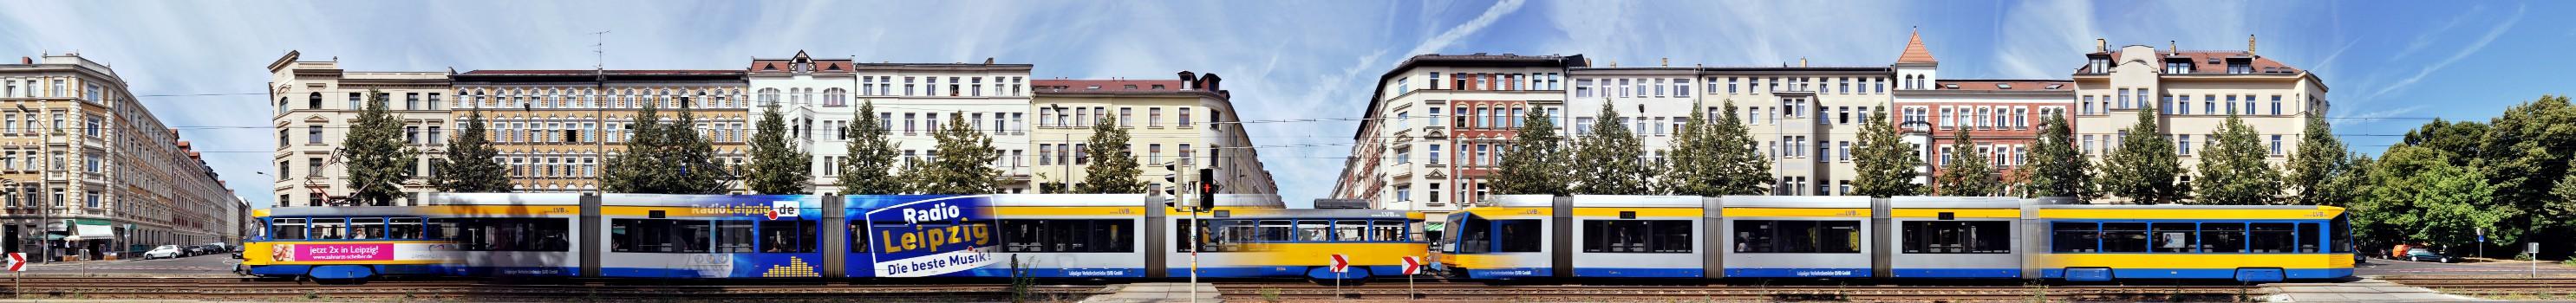 Straßenbahn plus Karl-Liebknecht-Straße